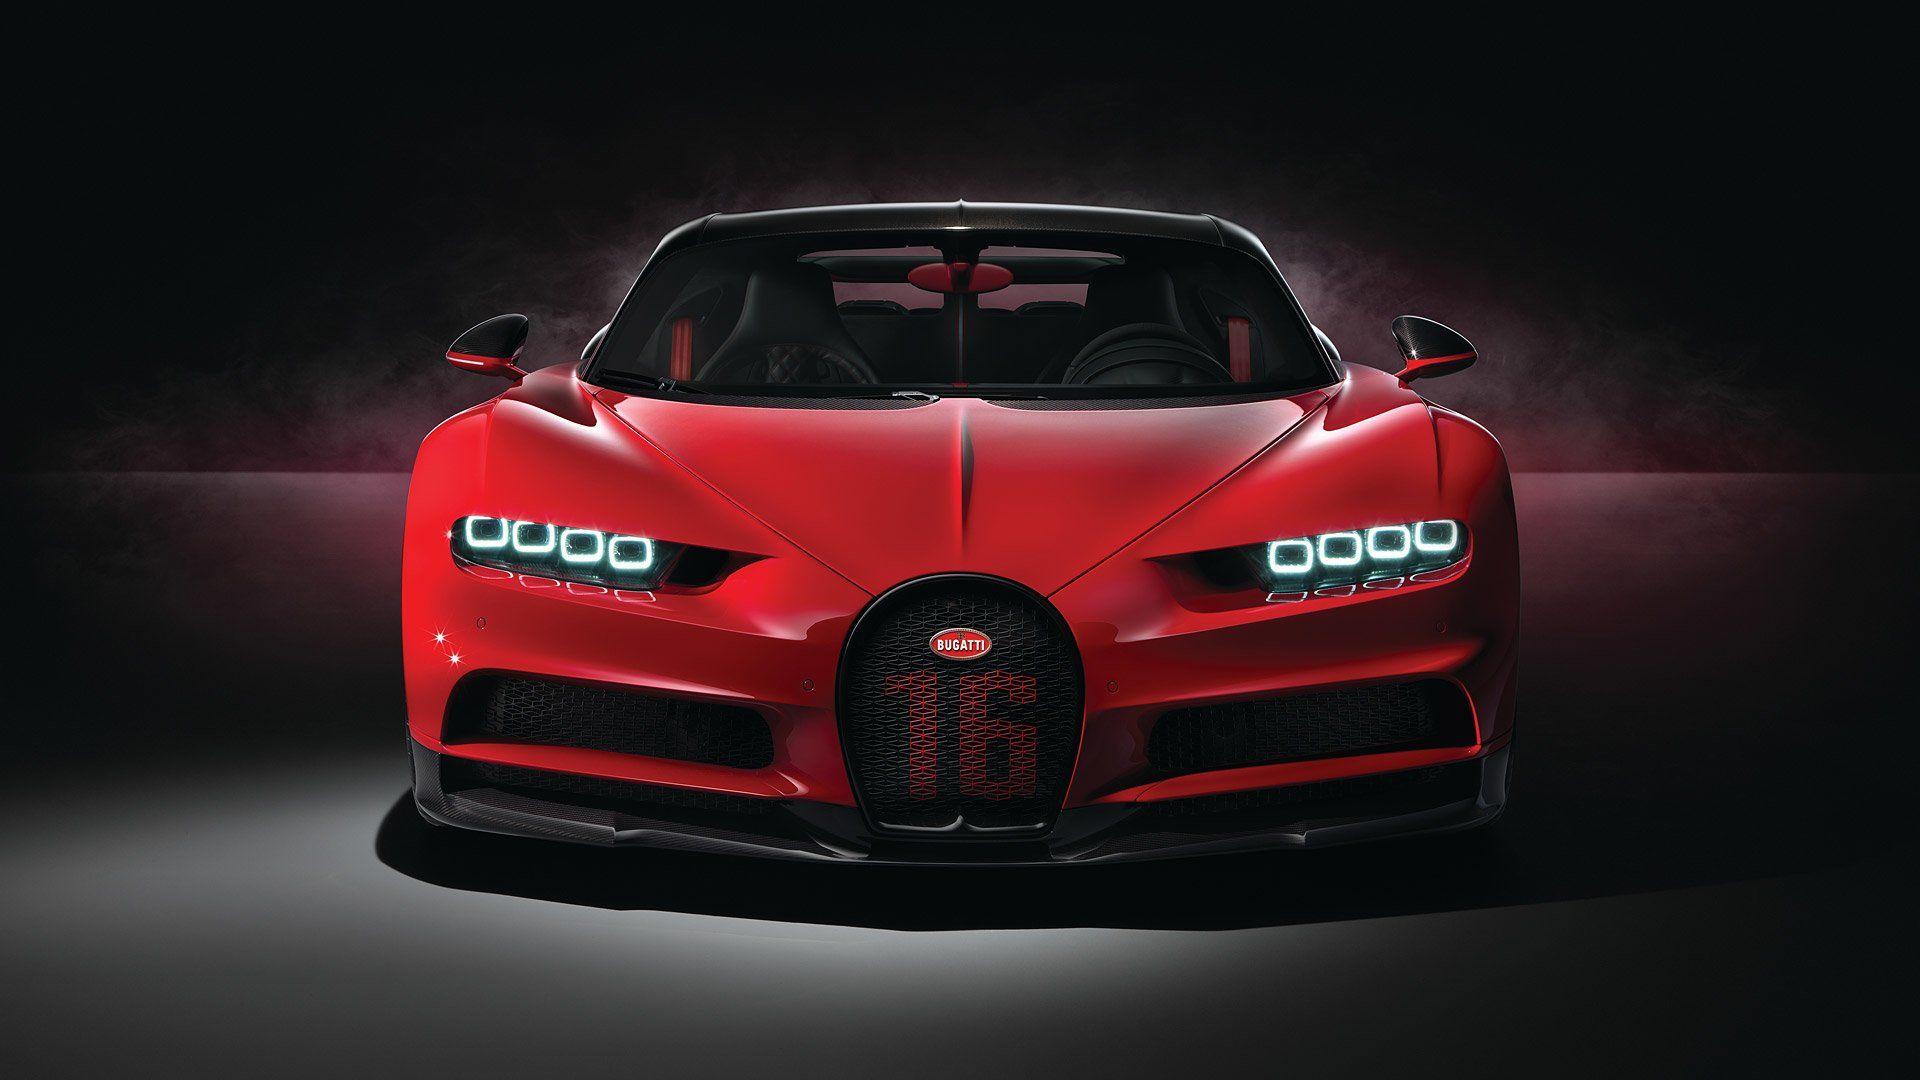 Bloodhound Fastest Car In The World 2020 Firespeedy Com Bugatti Cars Bugatti Chiron Super Sport Cars